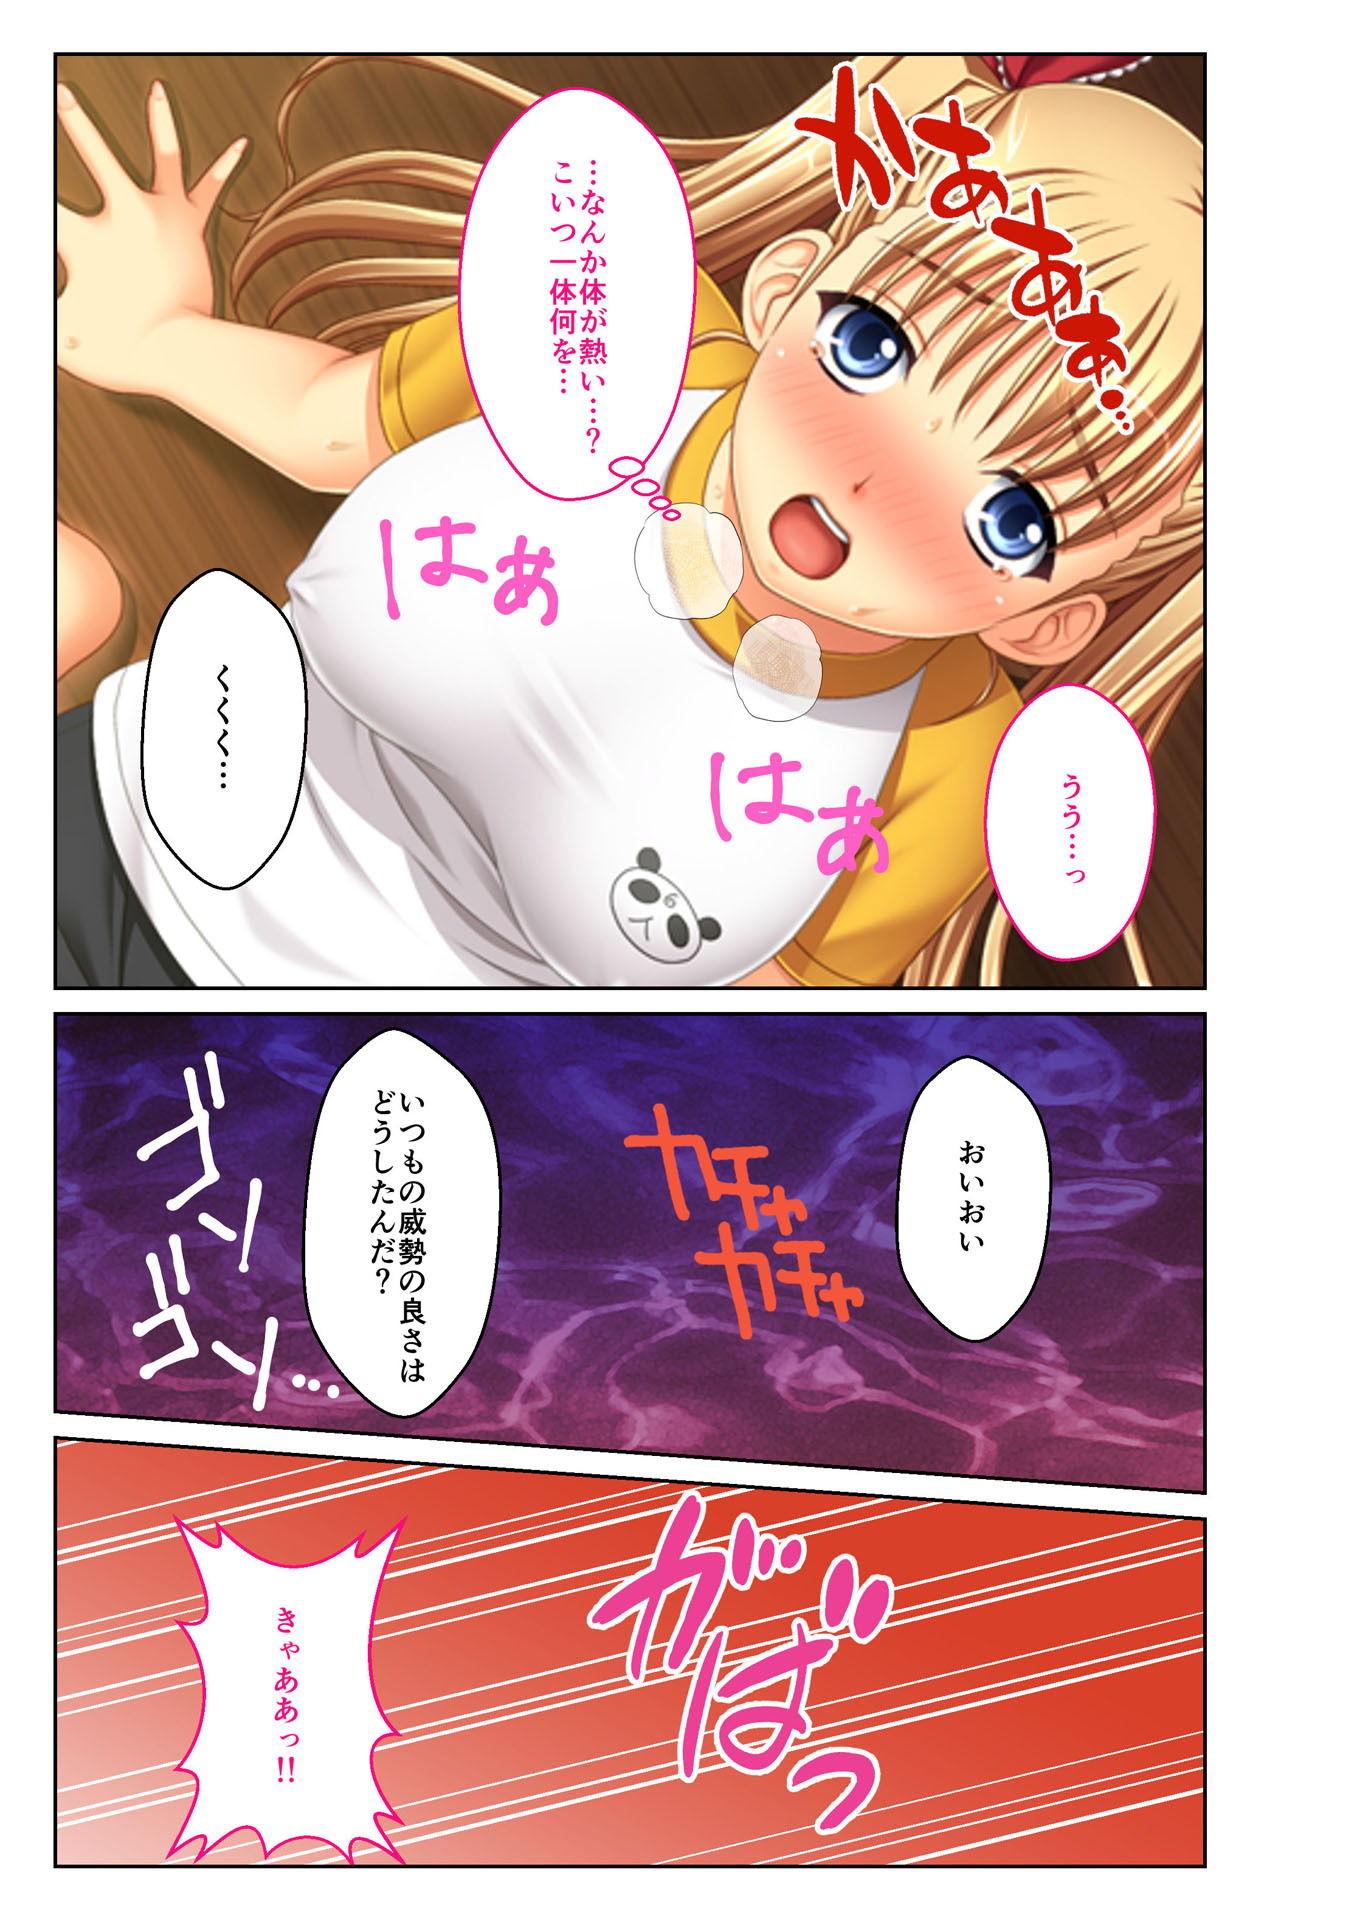 【どろっぷす! 同人】義娘寝取り~嫌がるJKに強制挿入~(4)フルカラーコミック版